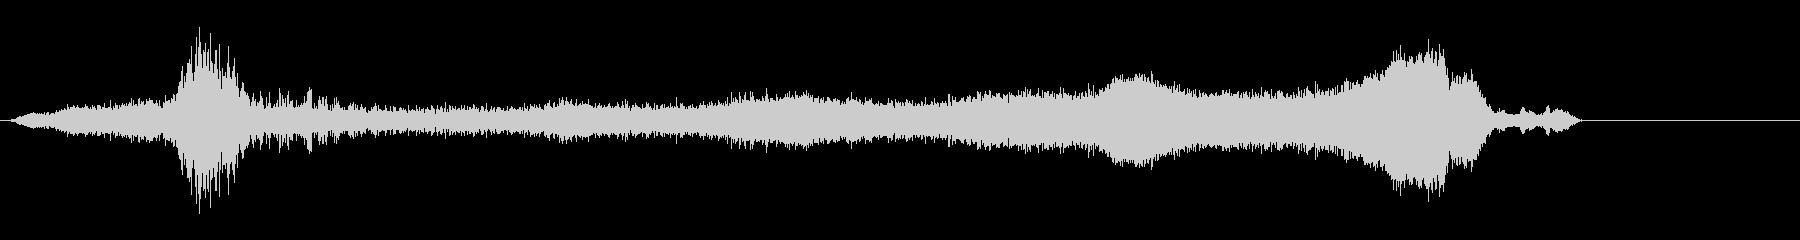 タイムワープの未再生の波形